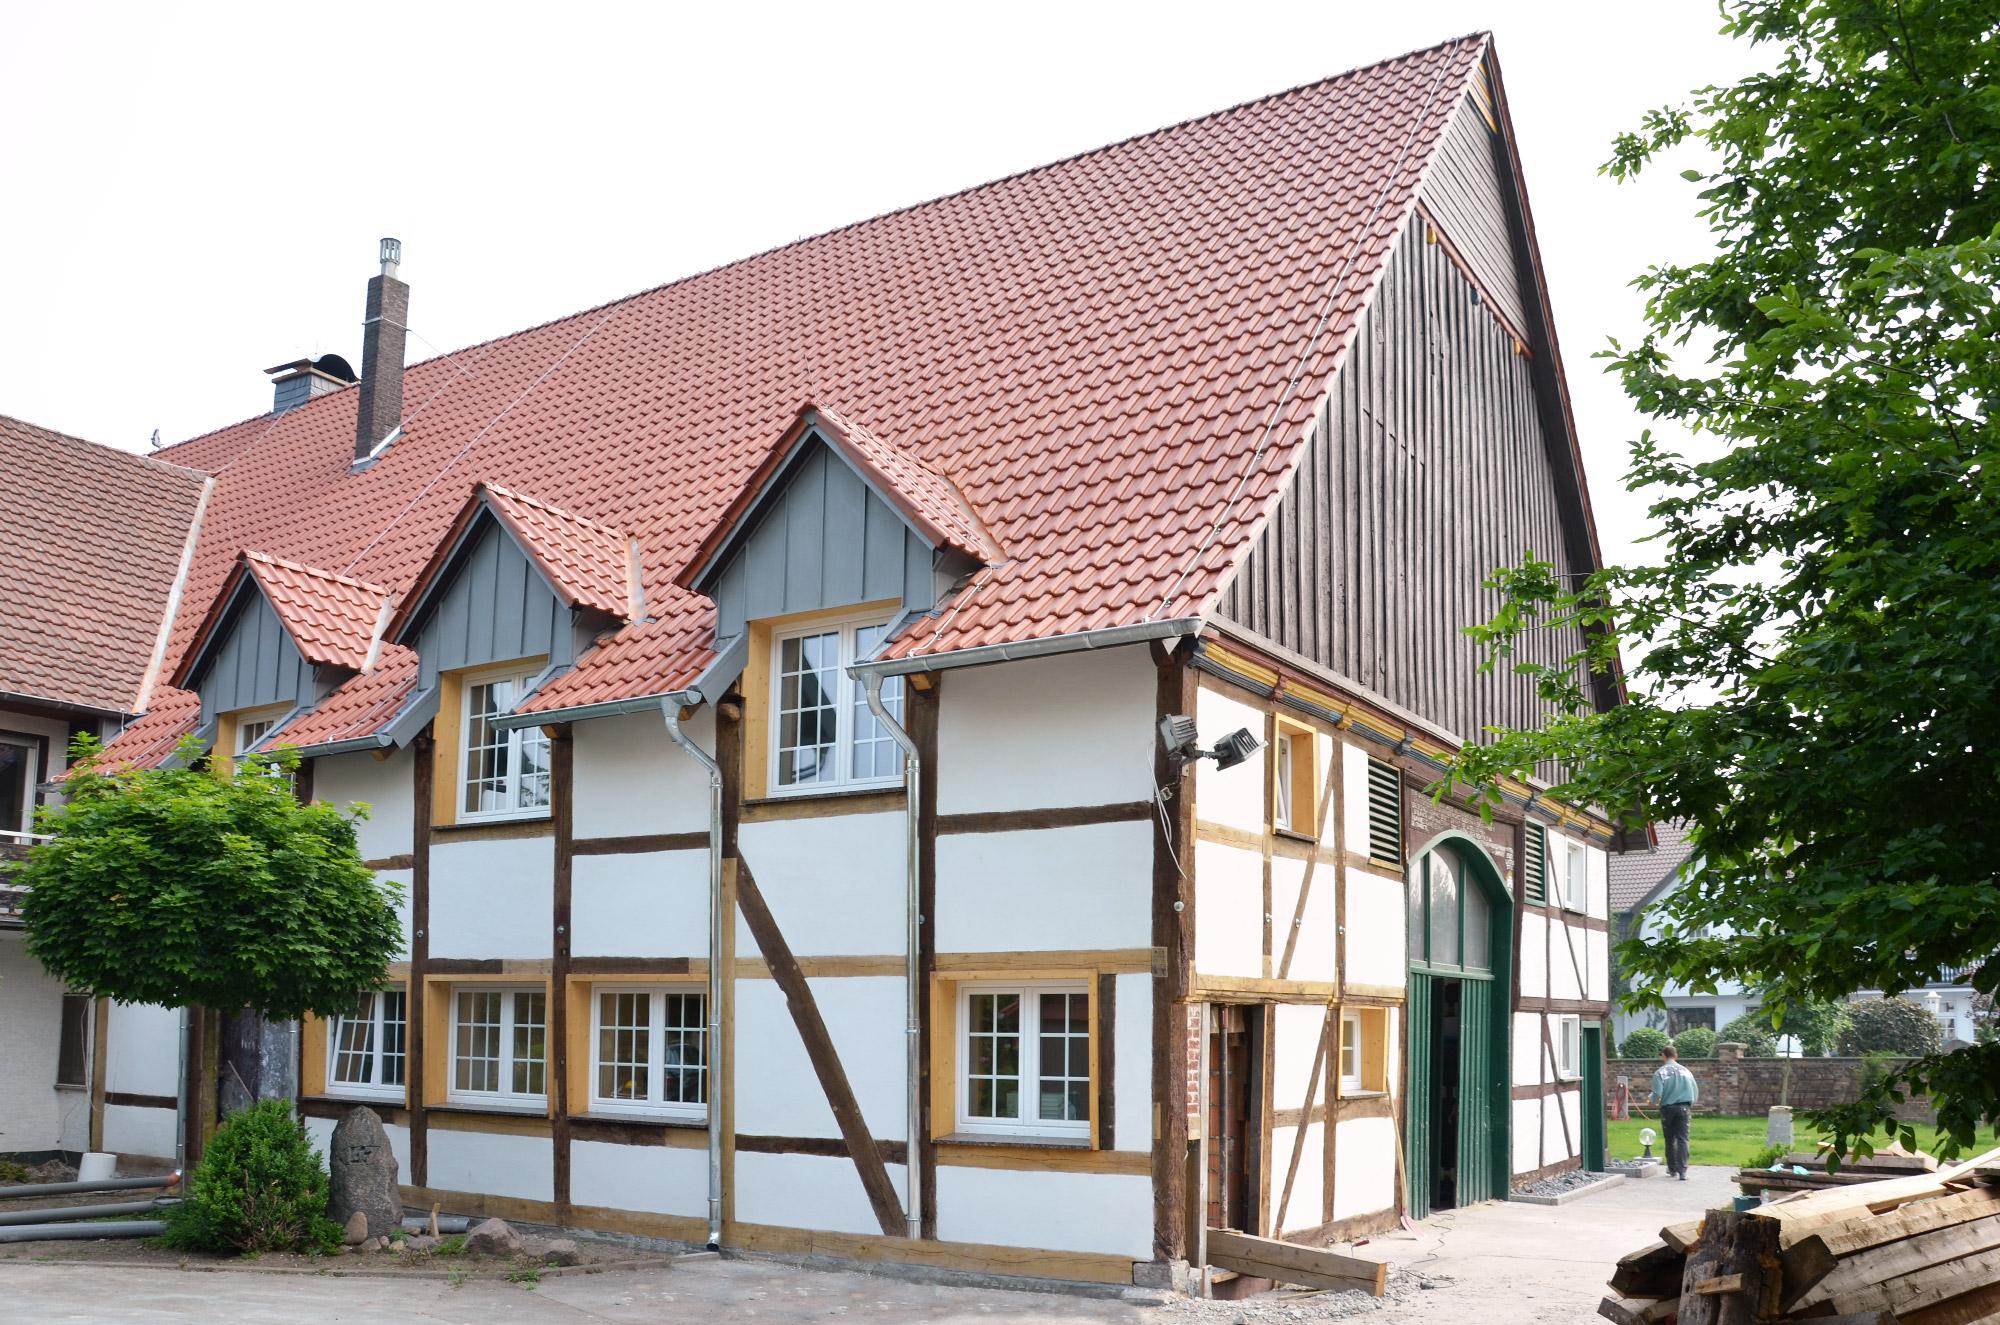 Fachwerkrestauration Soest Lippstadt Paderborn